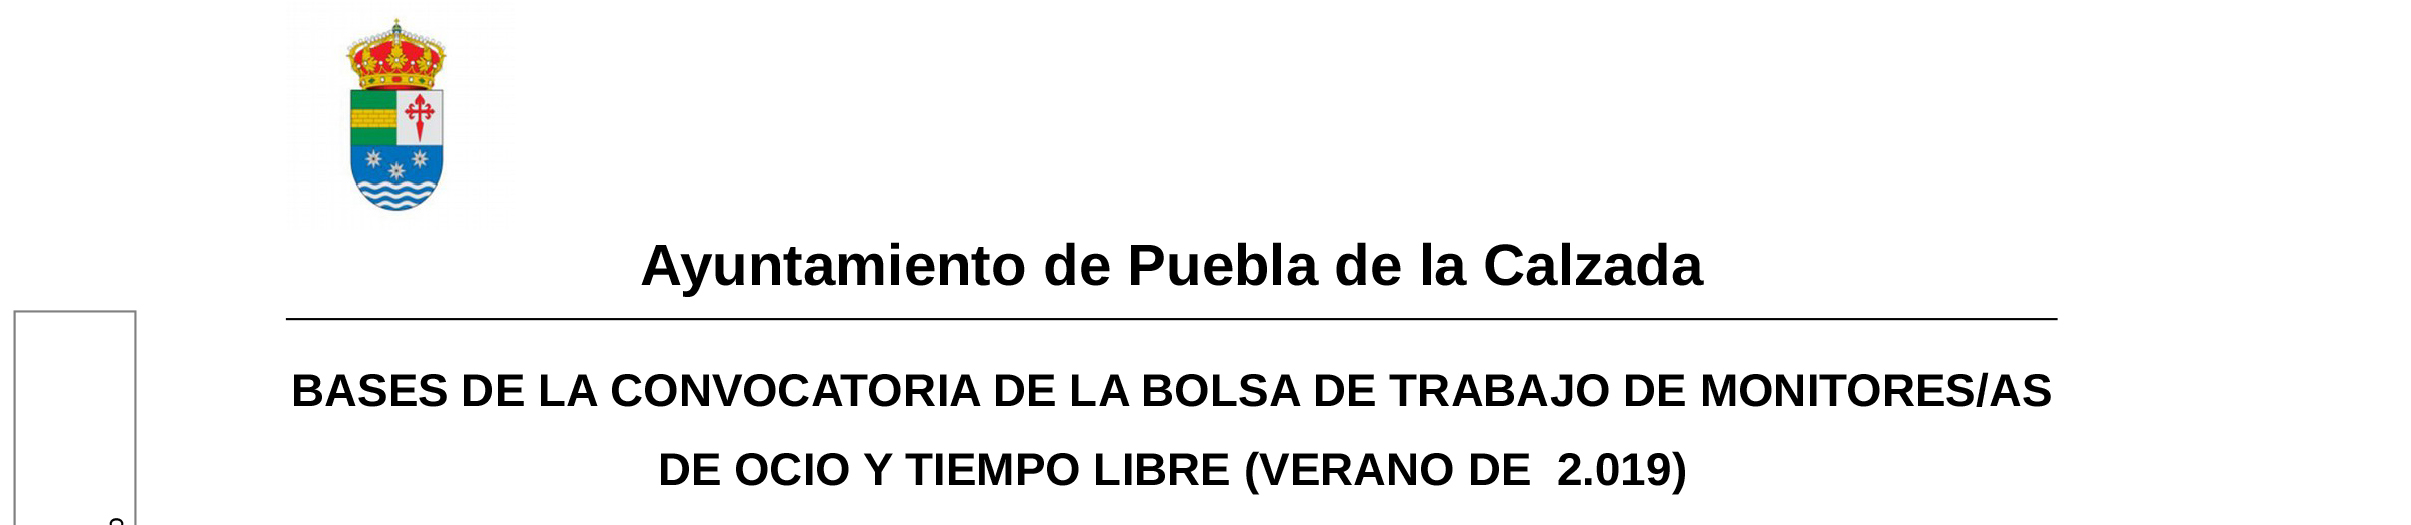 BASES DE LA CONVOCATORIA DE LA BOLSA DE TRABAJO DE MONITORES/AS DE OCIO Y TIEMPO LIBRE (VERANO DE 2.019)